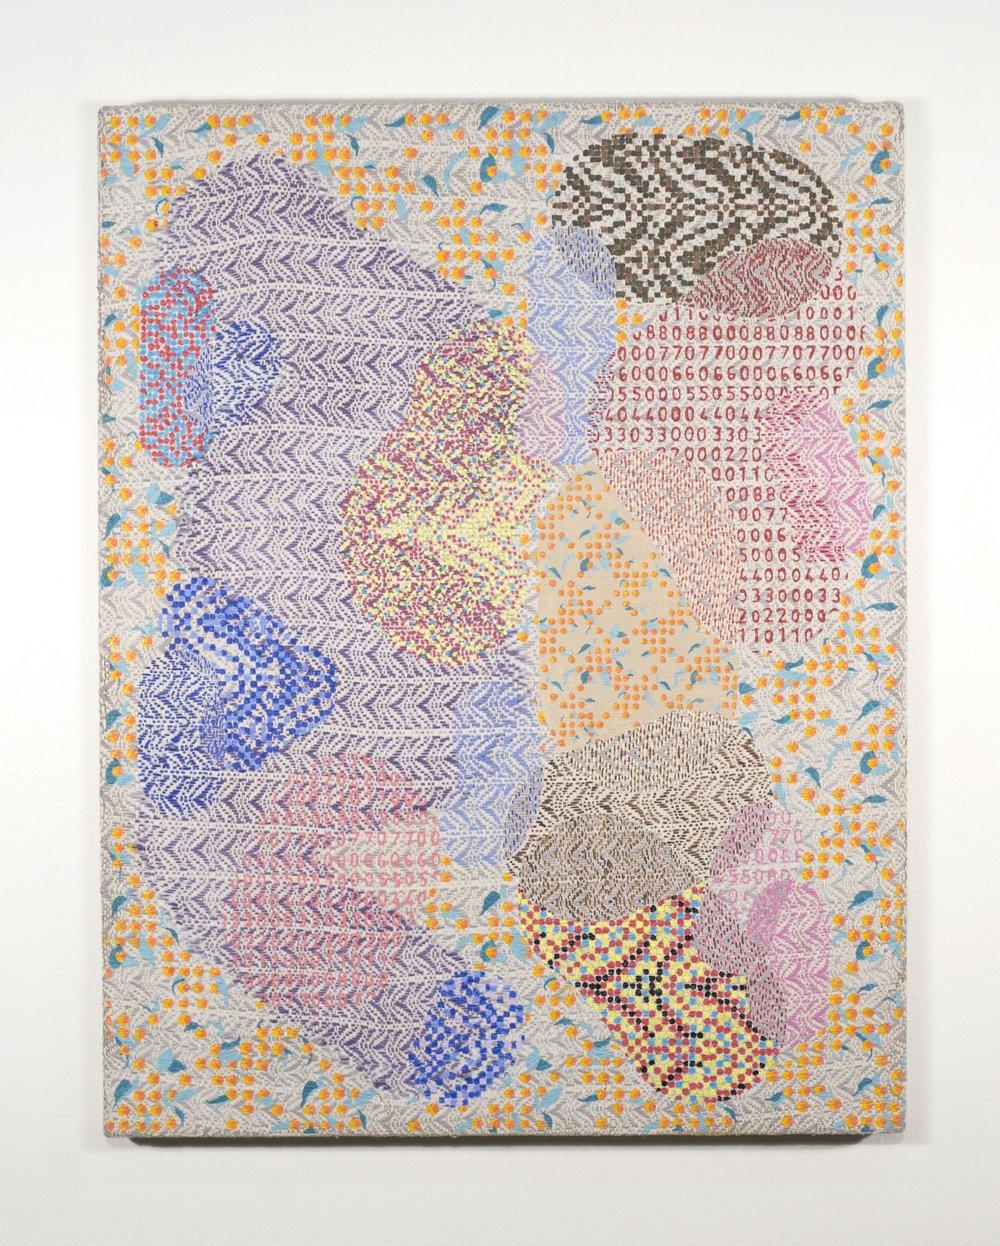 Mark Barrow & Sarah Parke  Eden , 2018 Acrylic on Hand-Loomed Linen 19 ¼ × 15 inches (48.90 × 38.10 cm)